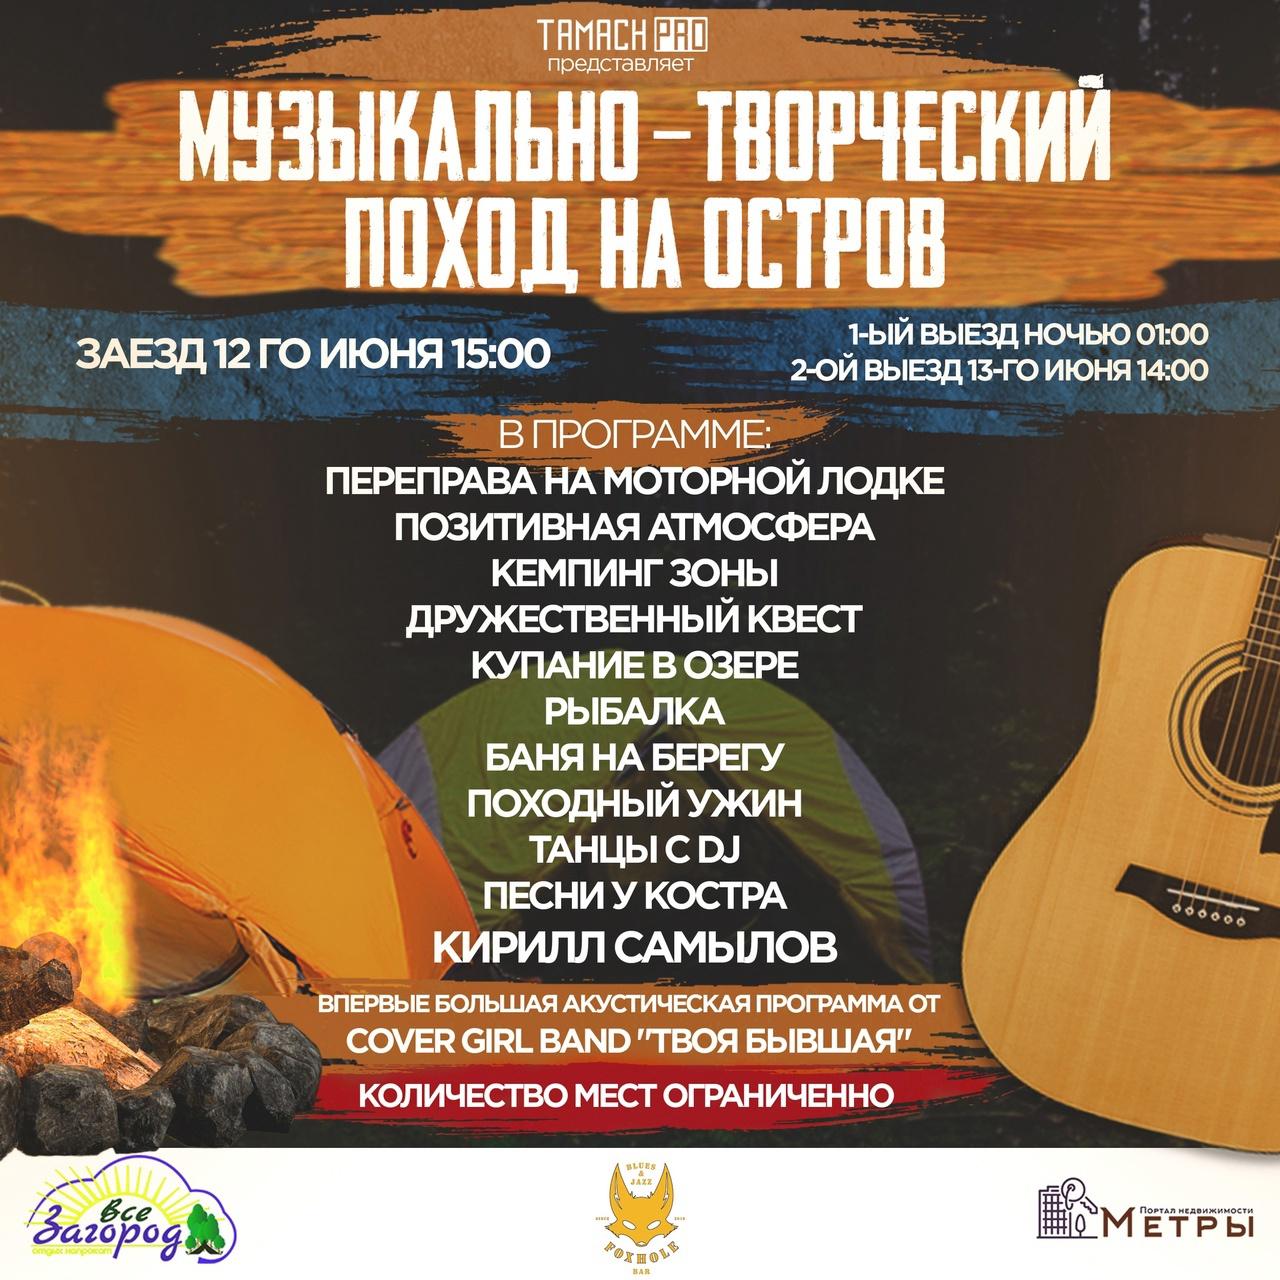 Афиша Омск 12.06. Музыкально творческий поход на остров.